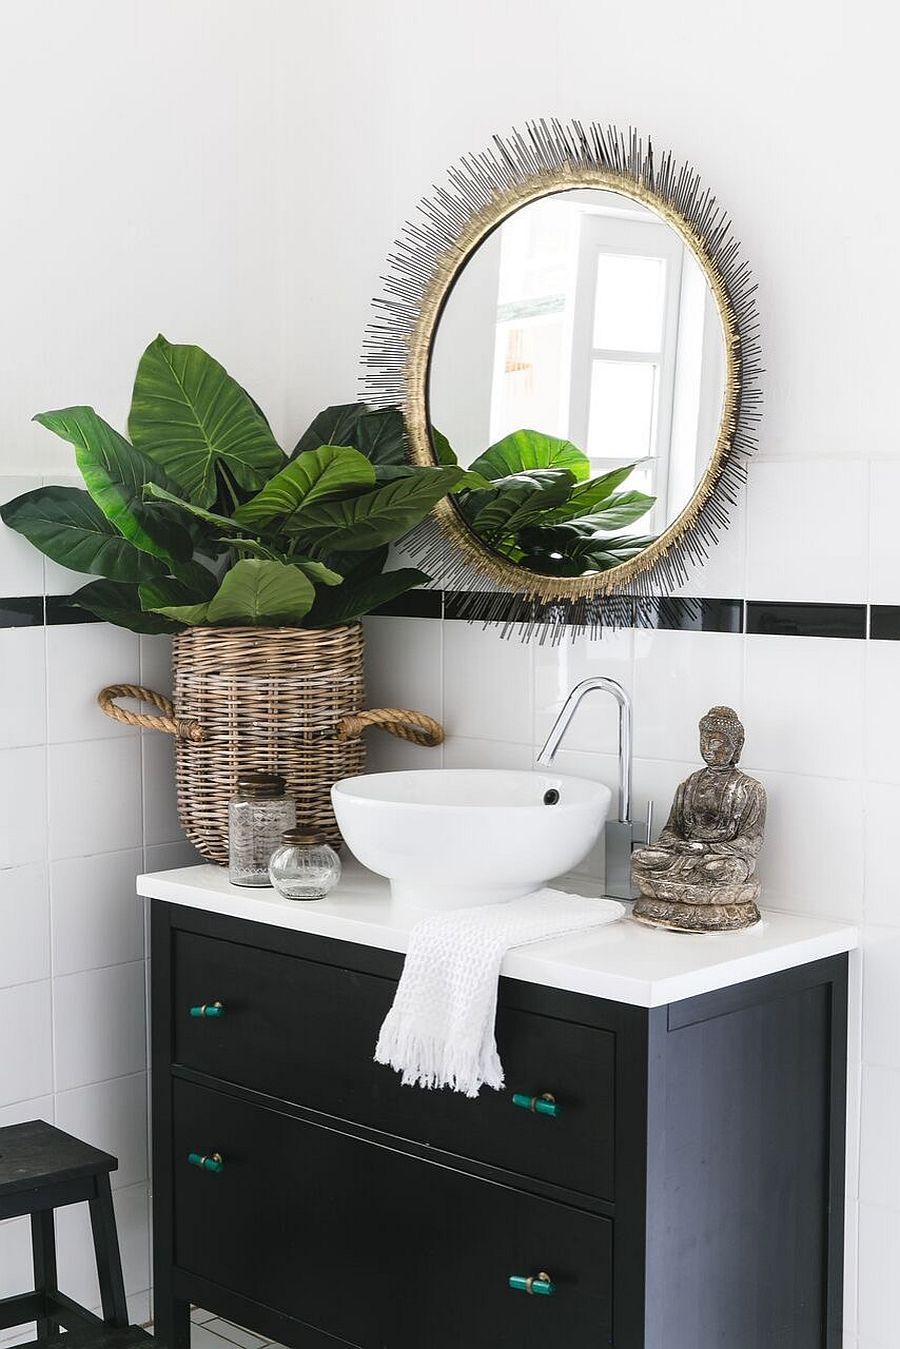 Trouvez un coin douillet pour cette belle plante d'intérieur